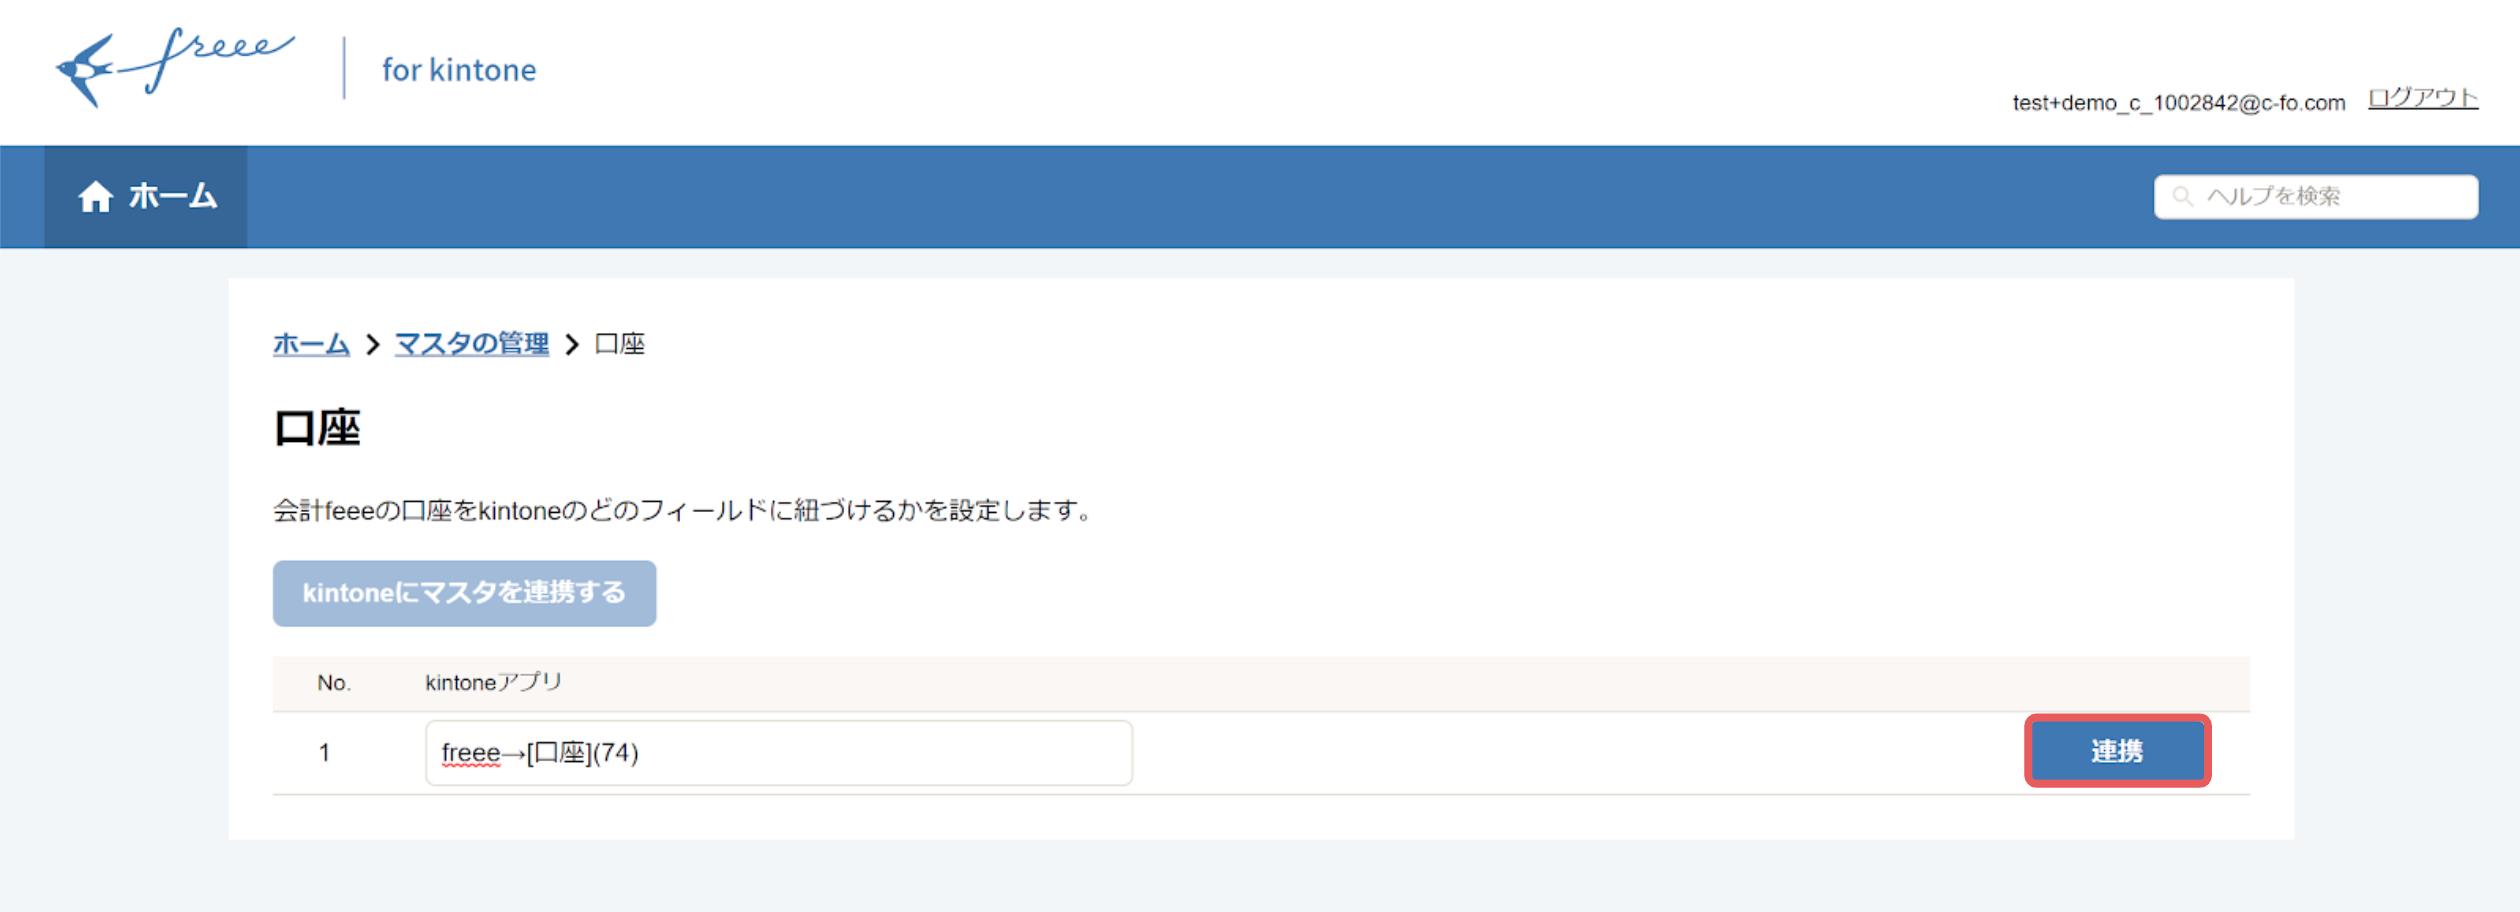 Screen_Shot_2020-07-09_at_16.52.22.png